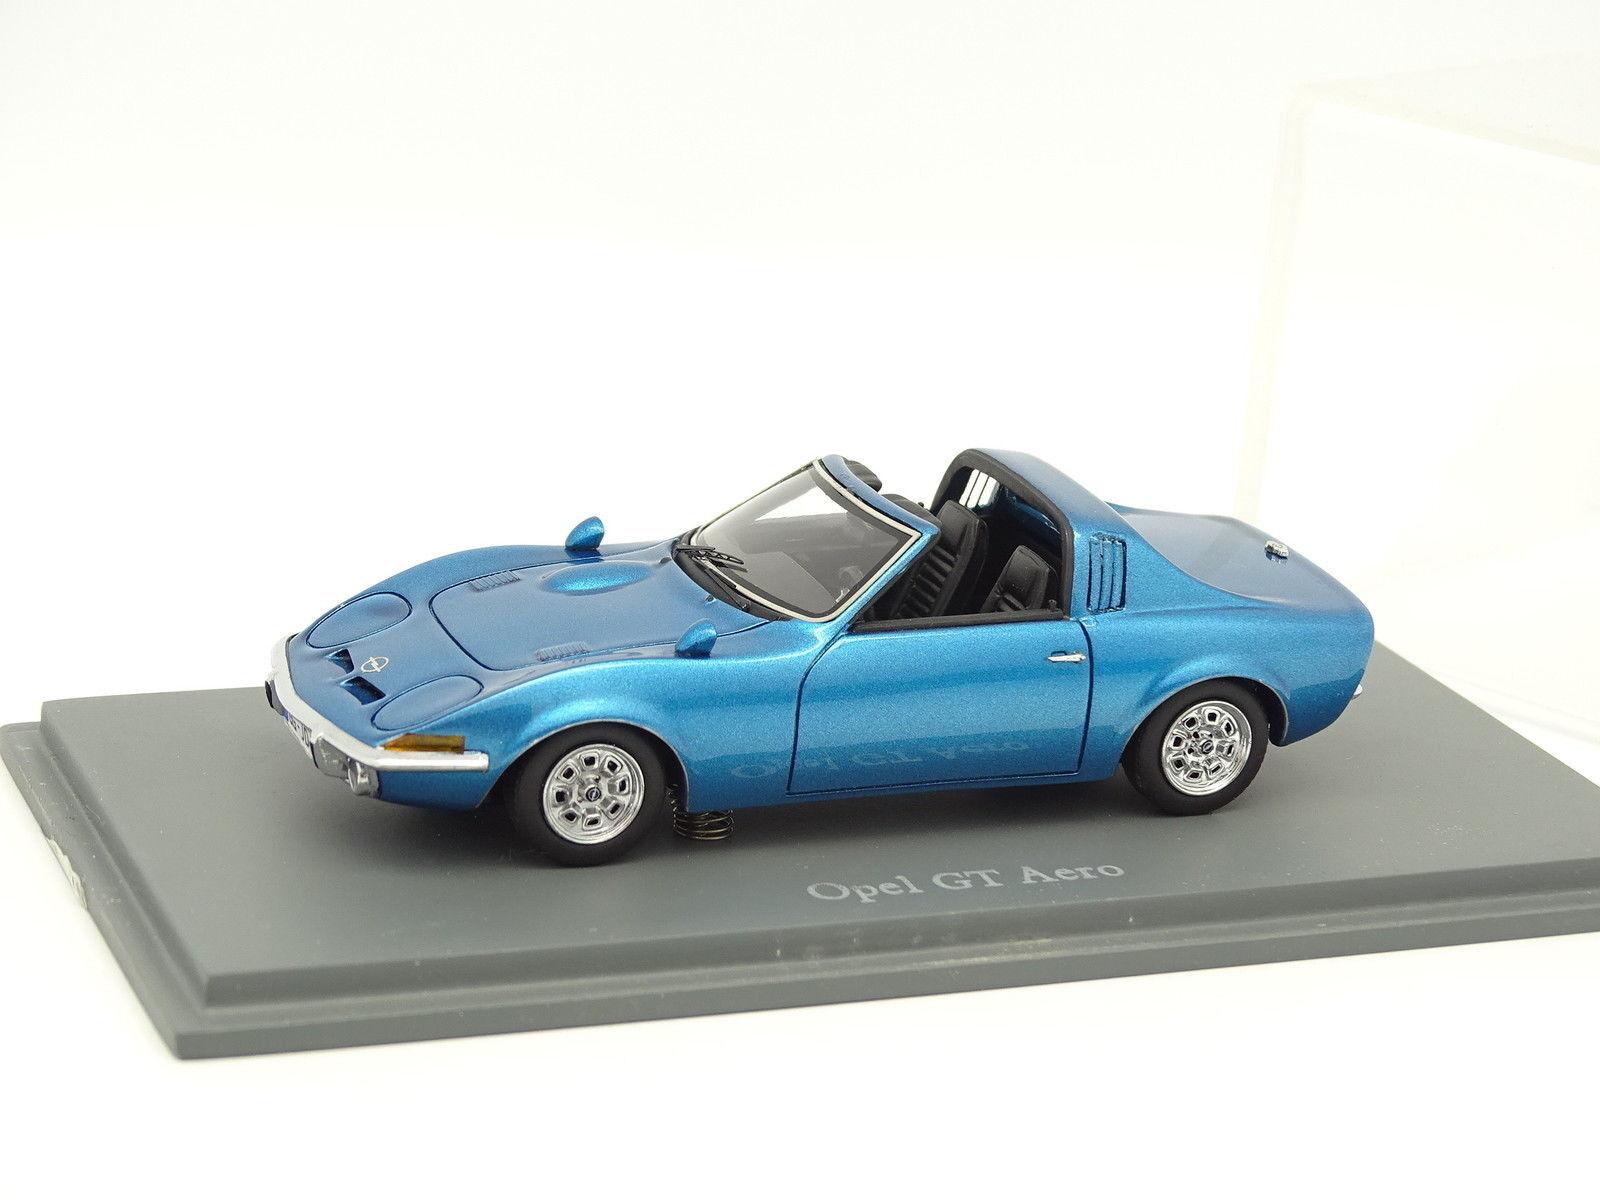 Neo 1 43 43 43 - Opel GT Aero bluee 140d80